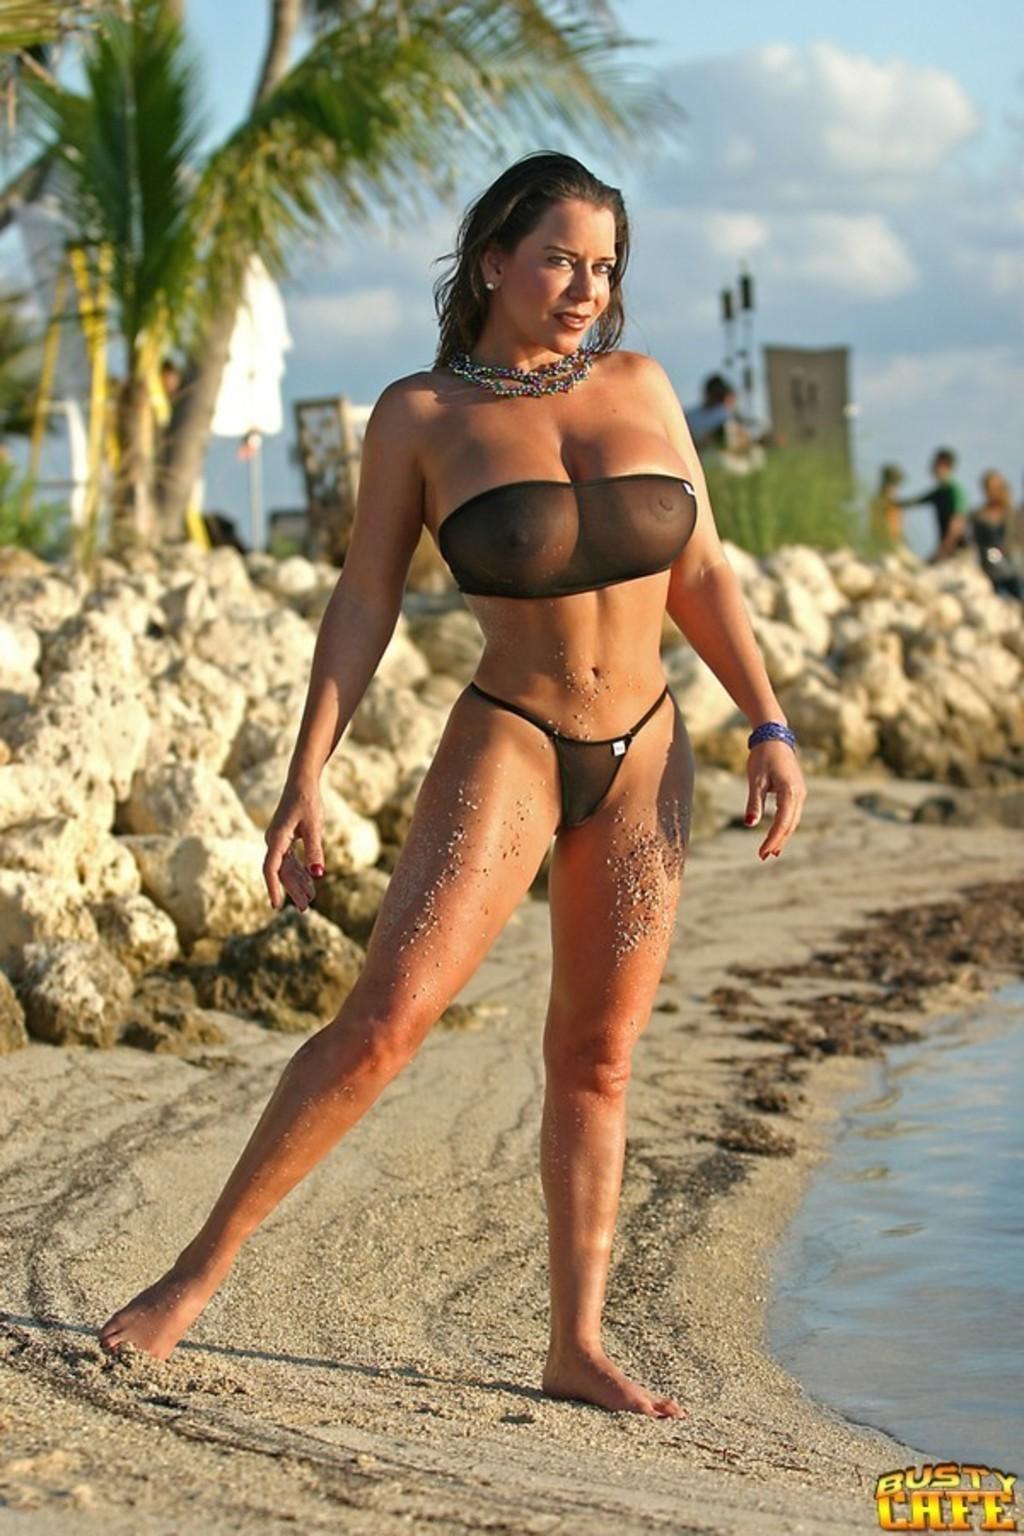 Busty Babe Alicia Dimarco In Black Bikini 15 / 15 Picture